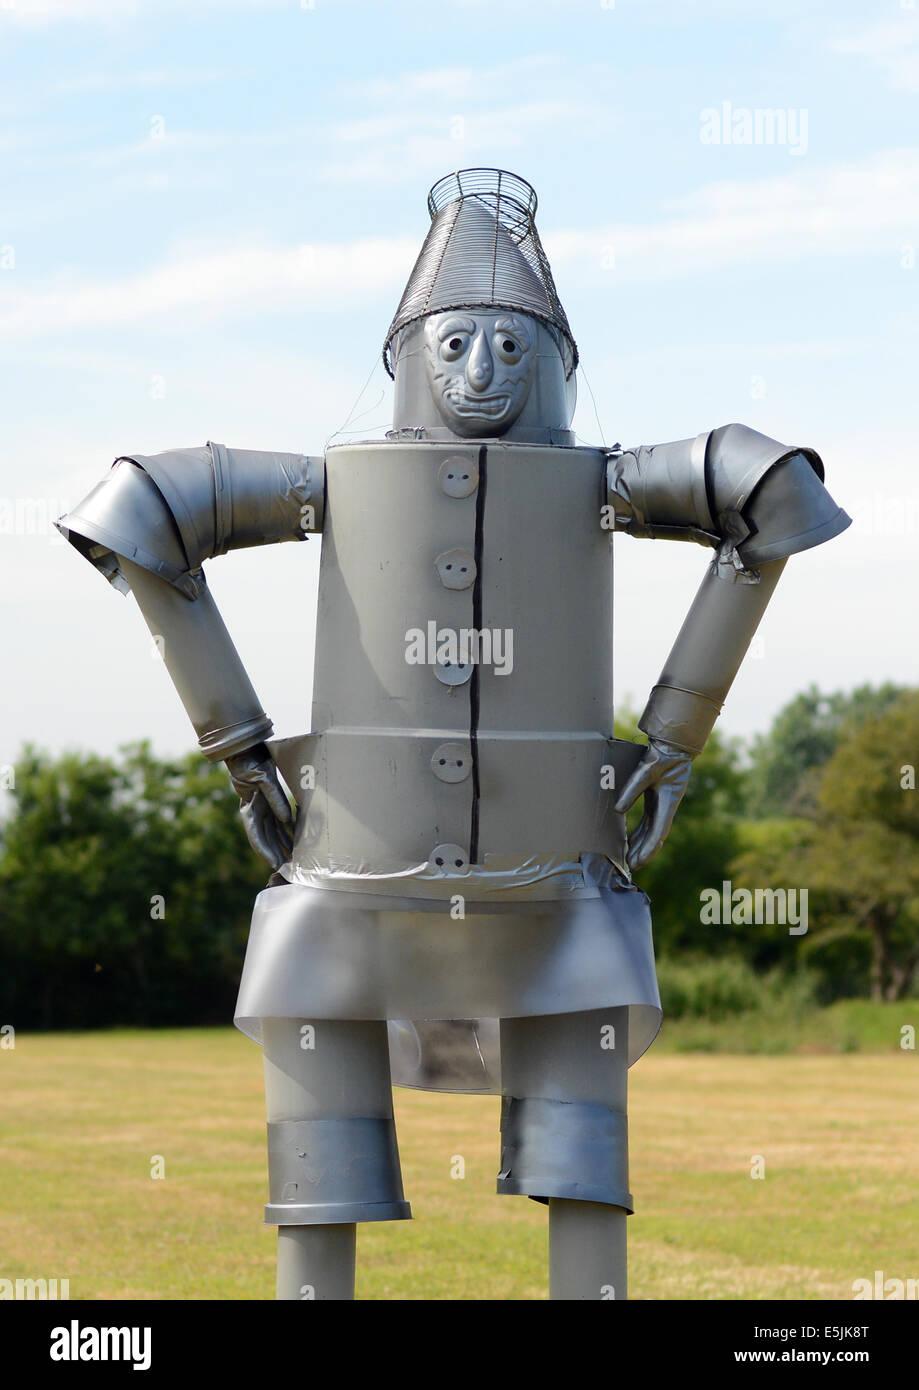 The Tin Man scarecrow - Stock Image